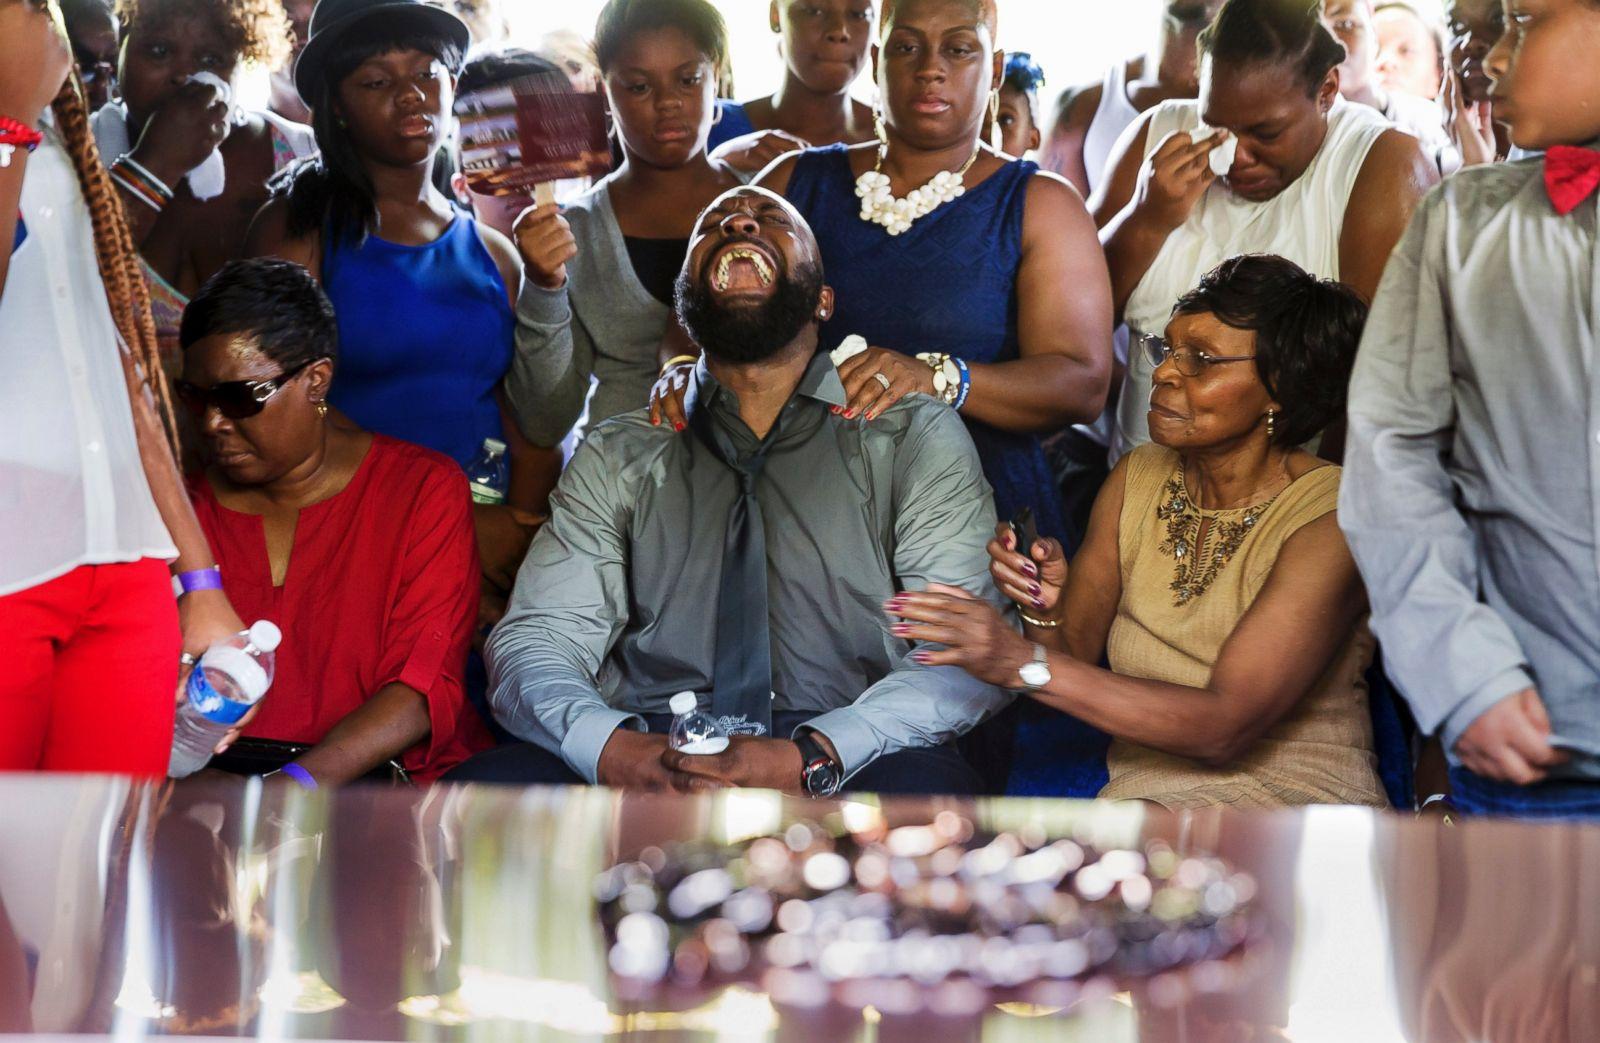 Michael Brown Sr. grita mientras el ataúd de su hijo es bajado al suelo en el cementerio de St. Peter en St. Louis, Missouri, el 25 de agosto de 2014. Fotografía: Richard Perry/Reuters